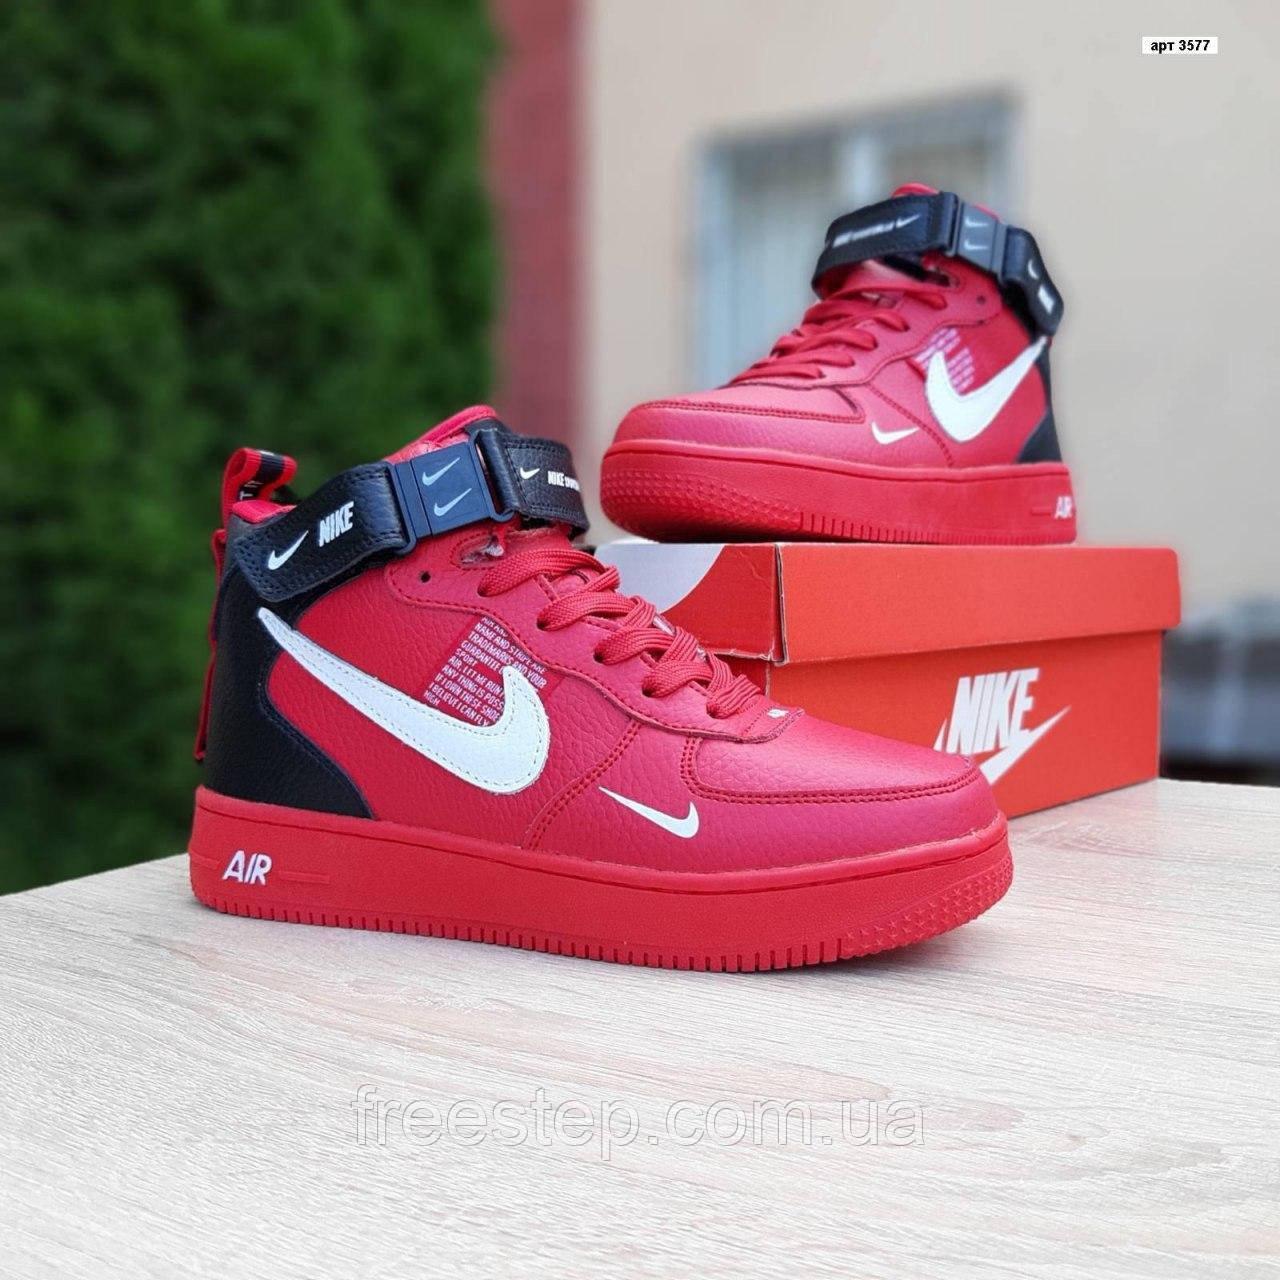 Жіночі зимові кросівки Air Force 1 Mid LV8 червоні